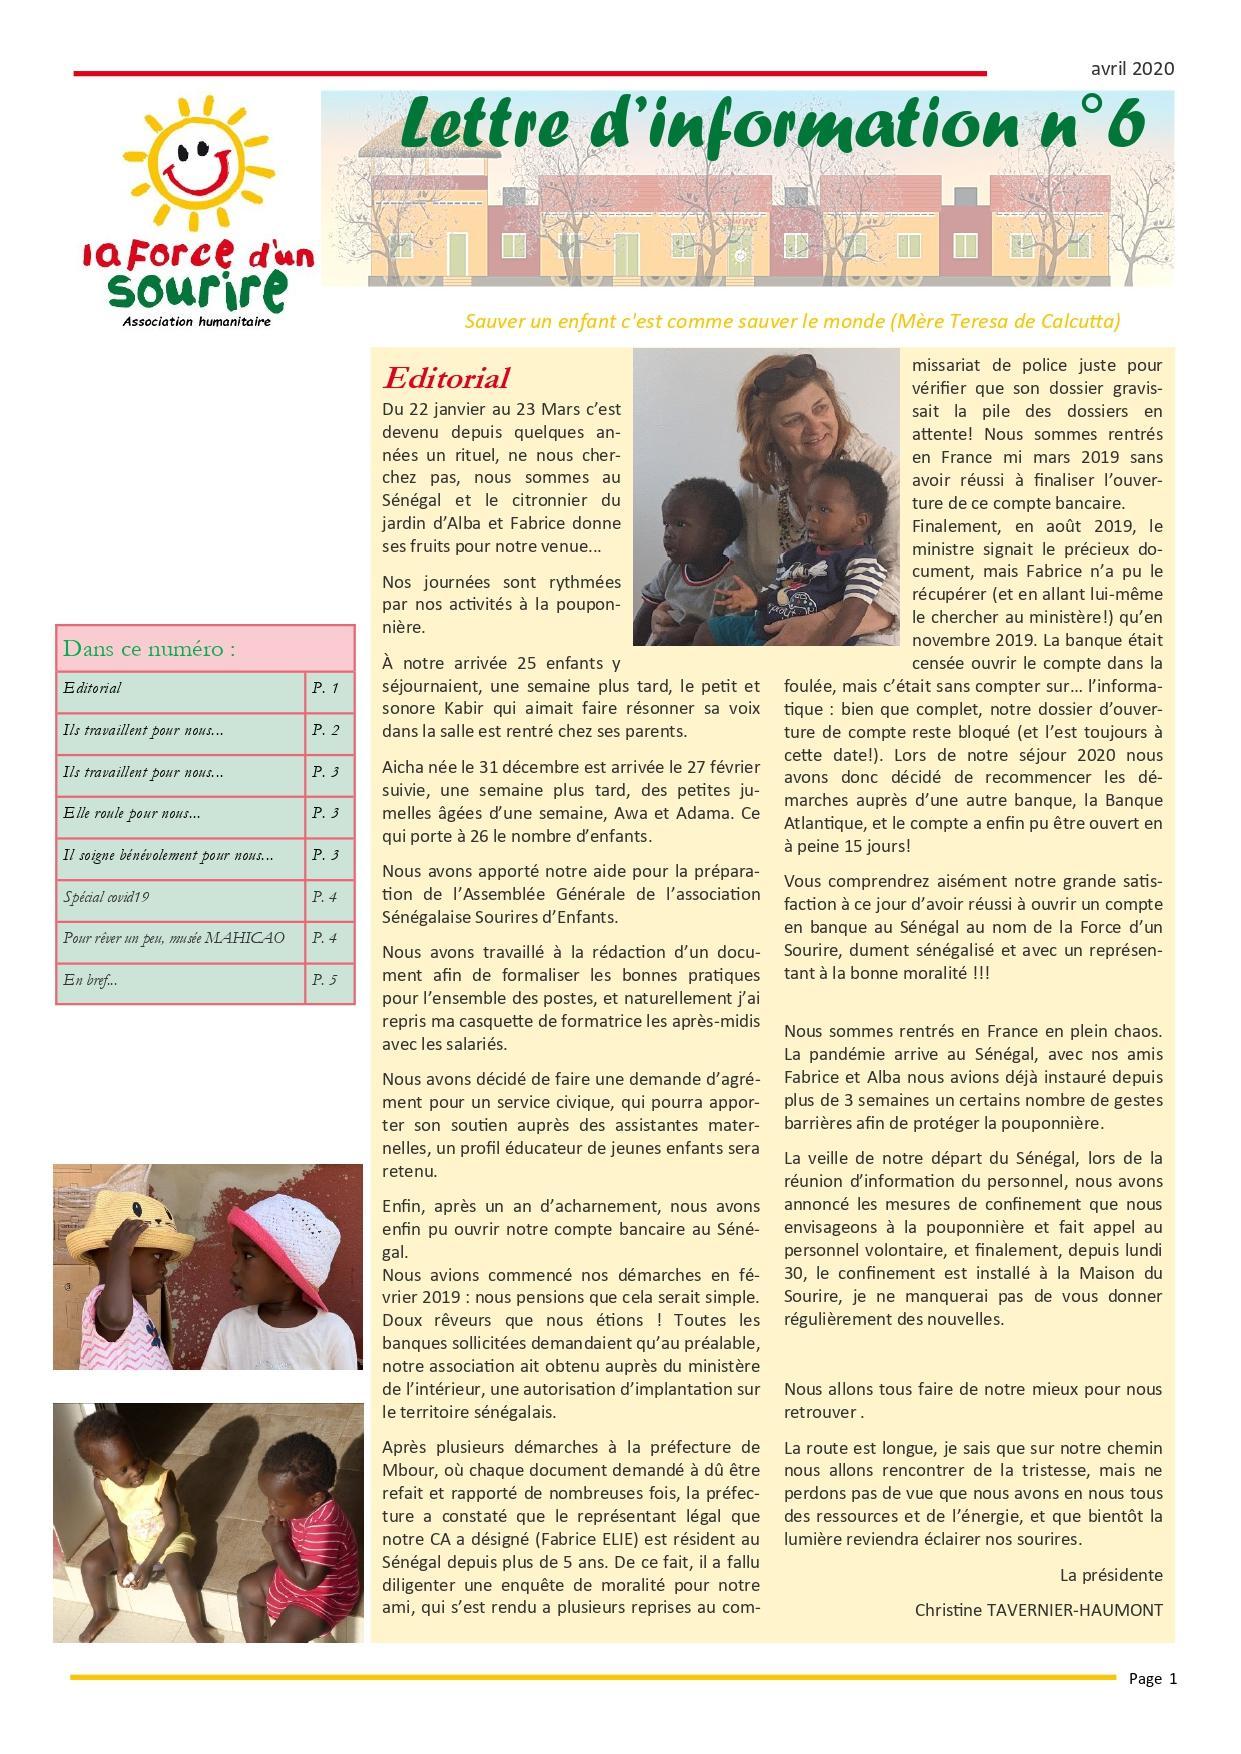 200422 lettre info 06 a4 modifiee page 0001